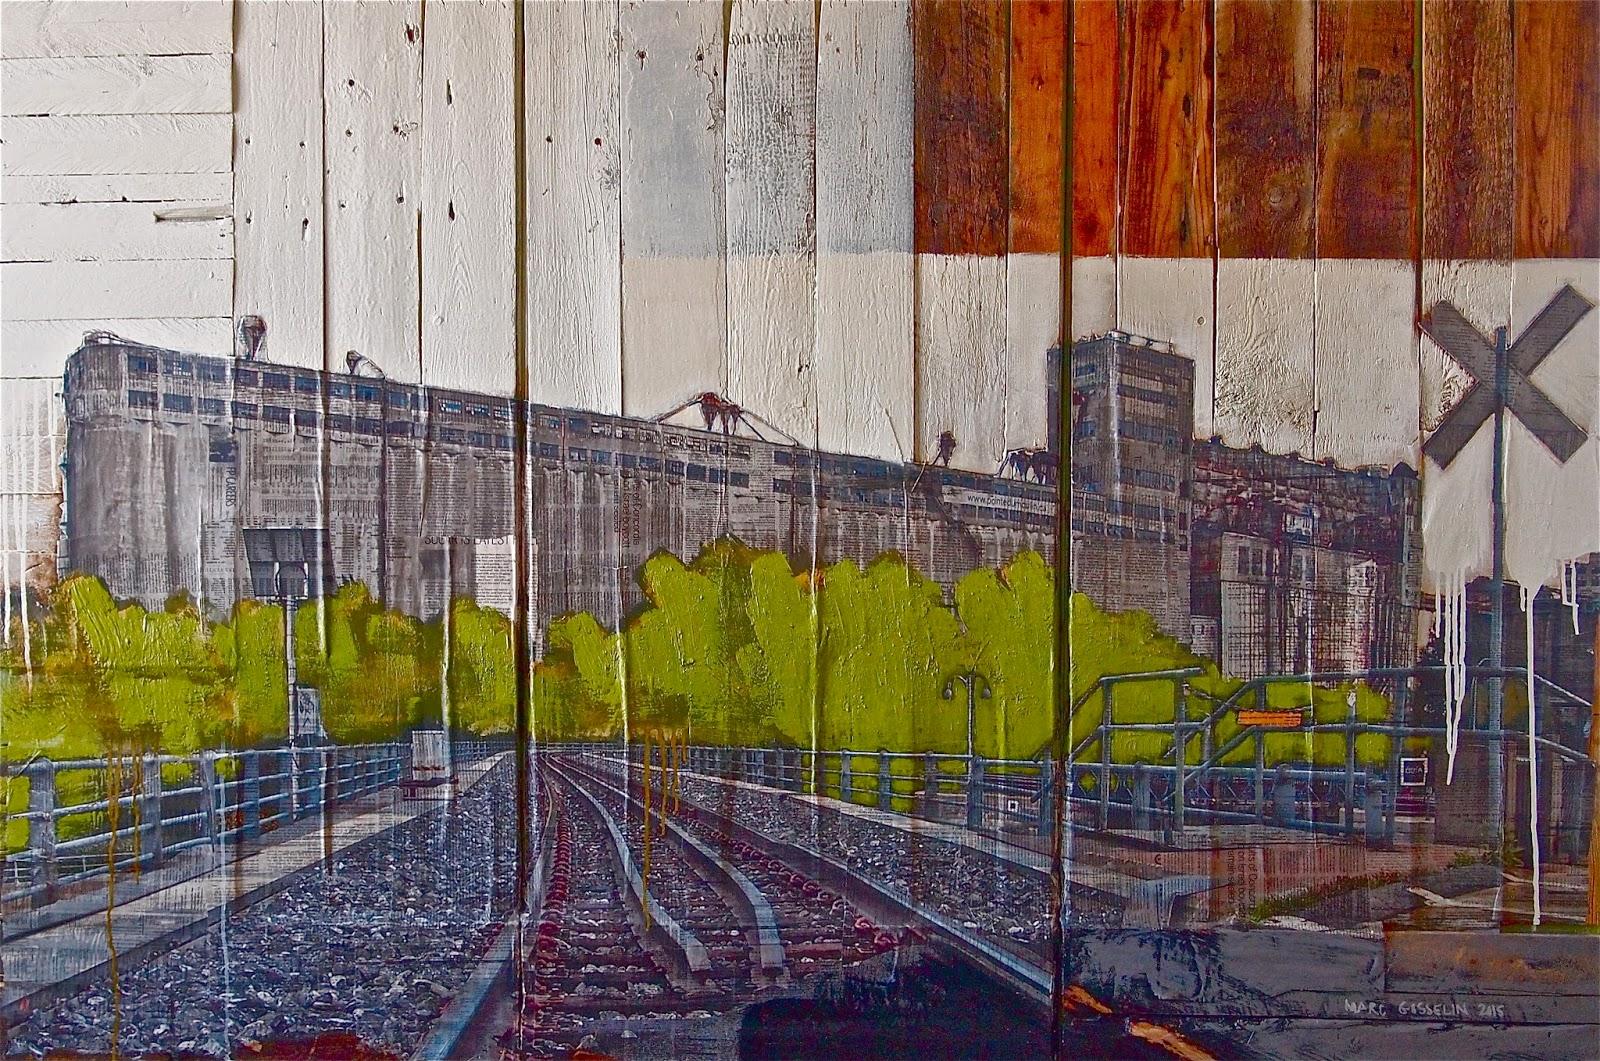 Marc Gosselin silo 5